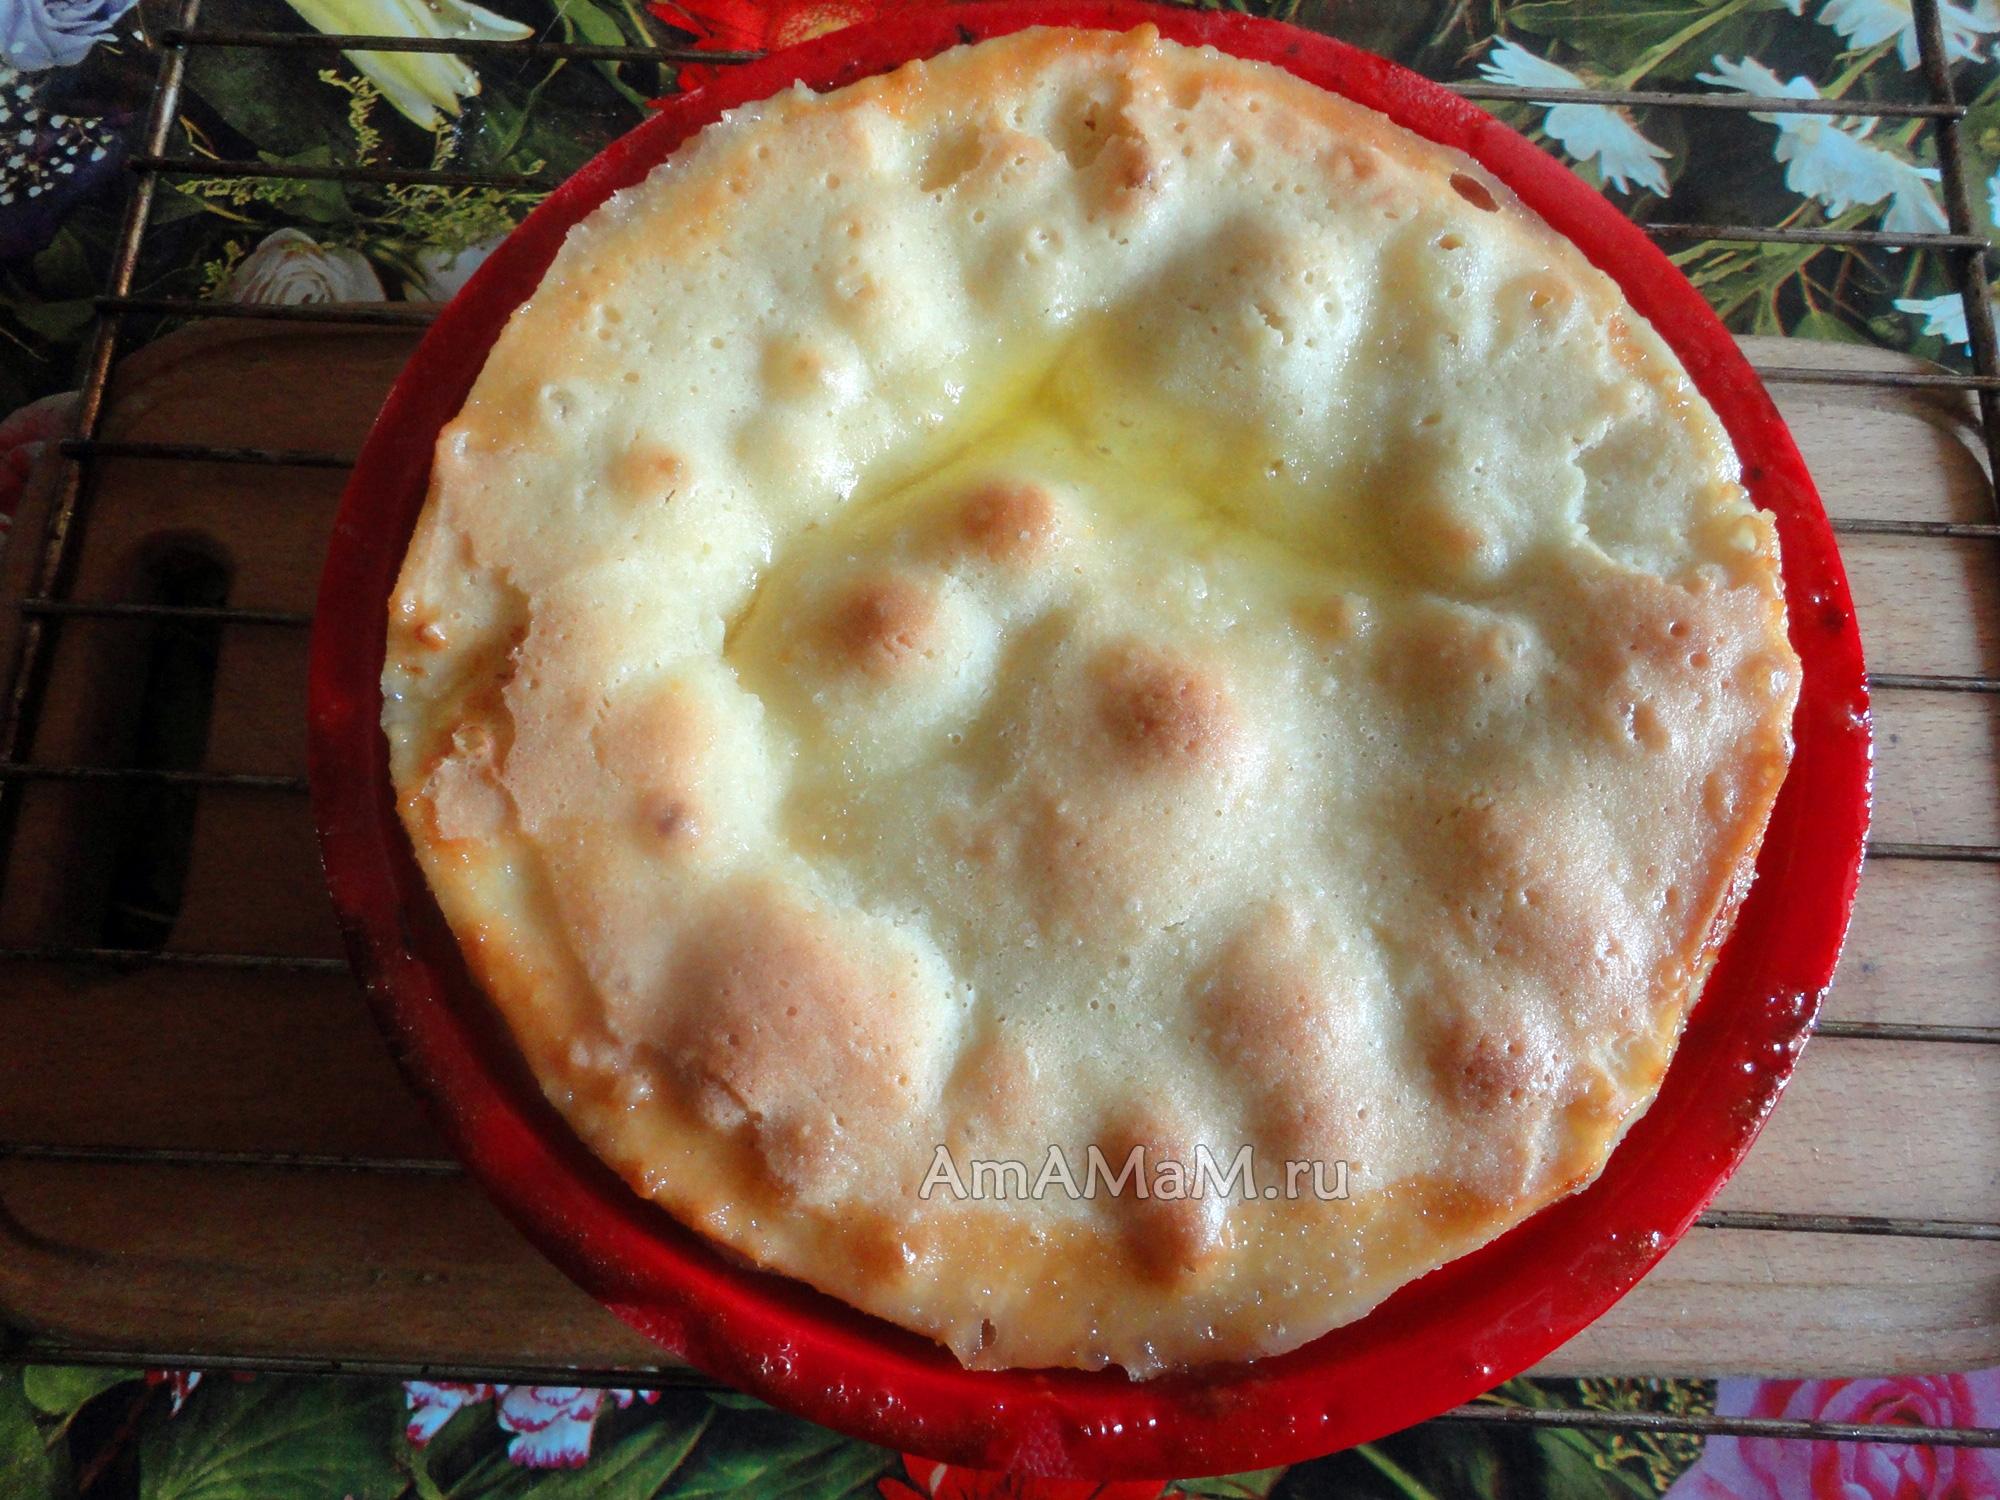 Банановый пирог с бананами в духовке рецепт с фото пошагово